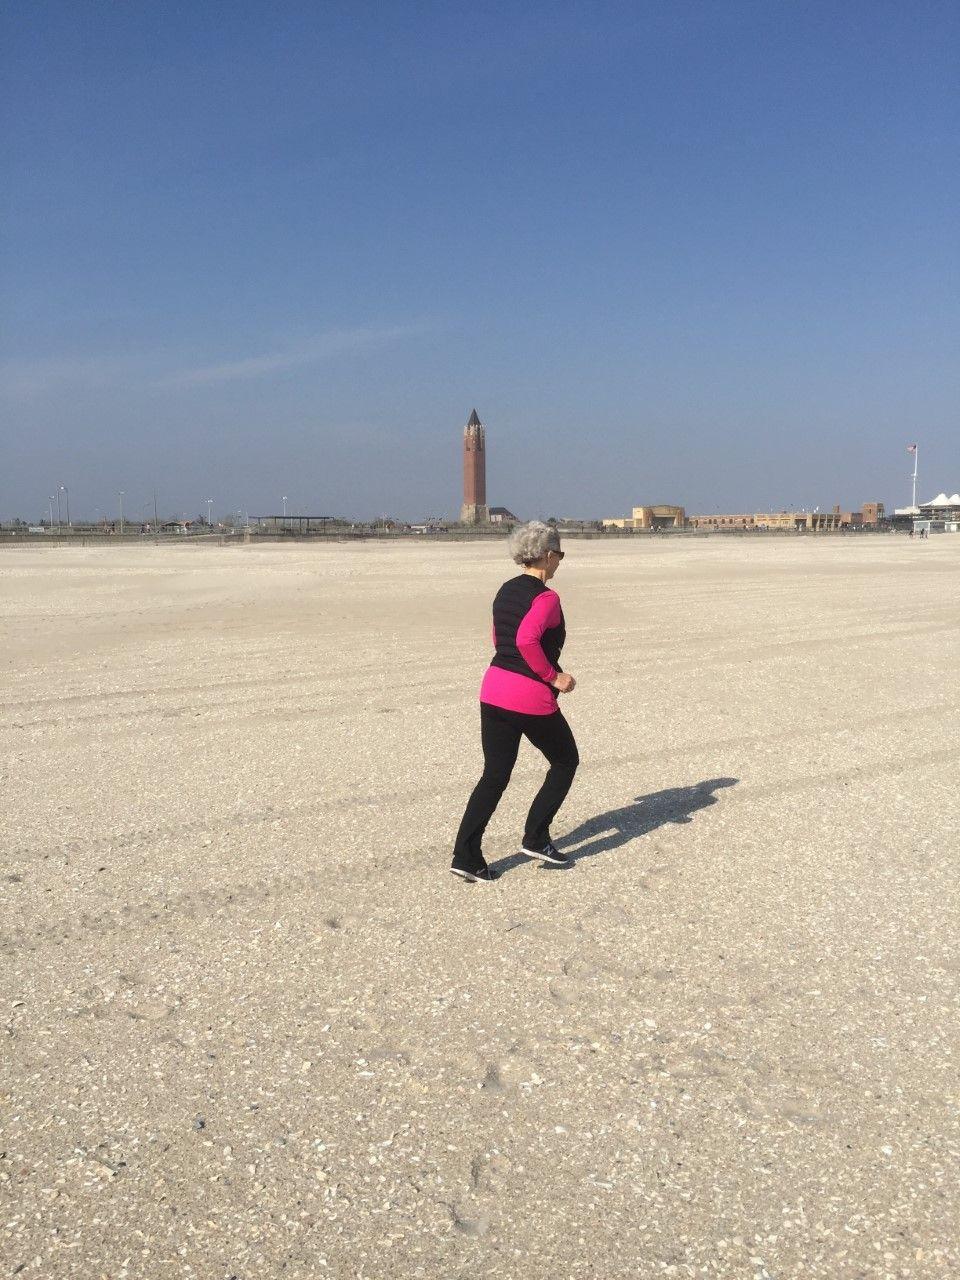 6 năm qua, bà Carole Forman cố gắng duy trì thói quen chạy 3-4 km mỗi ngày.